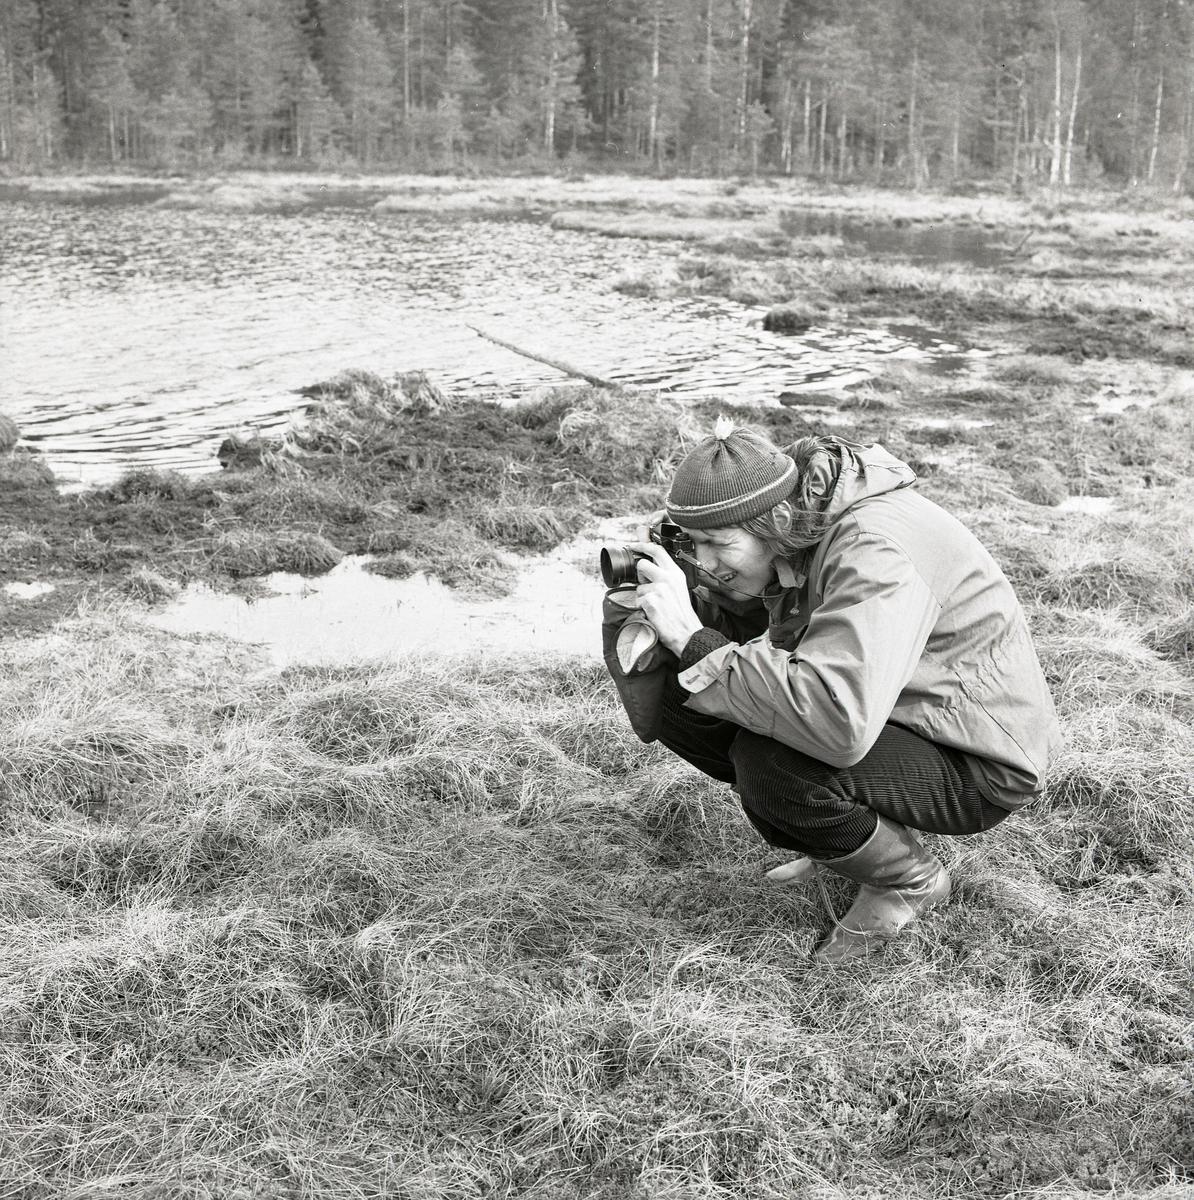 En man sitter på huk i gräset med kameran i högsta hugg. Han håller kameran intill sitt öga medan han justerar fokus genom att vrida på linsen med handen. Han är klädd i en tunn jacka, stövlar och mössa. Bakom honom sträcker Häggtjärnen ut sig och blåsten gör ringar på vattnet.